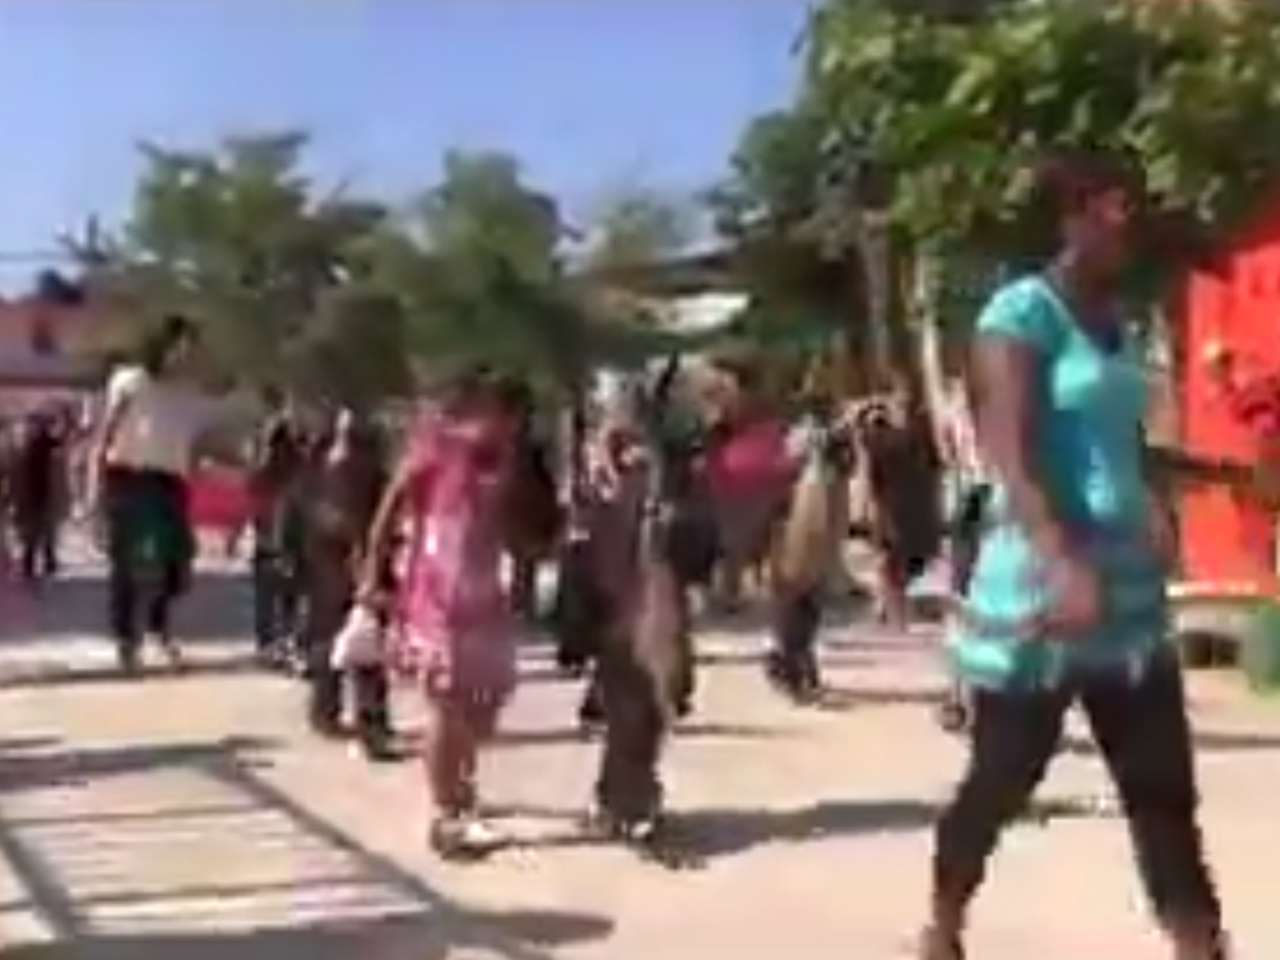 Un video que circula en YouTube muestra el momento en que se desata una balacera minutos después de que un desfile de niños de kínder pasaba por una calle del municipio de Cuajinicuilapa, Guerrero. Foto: YouTube